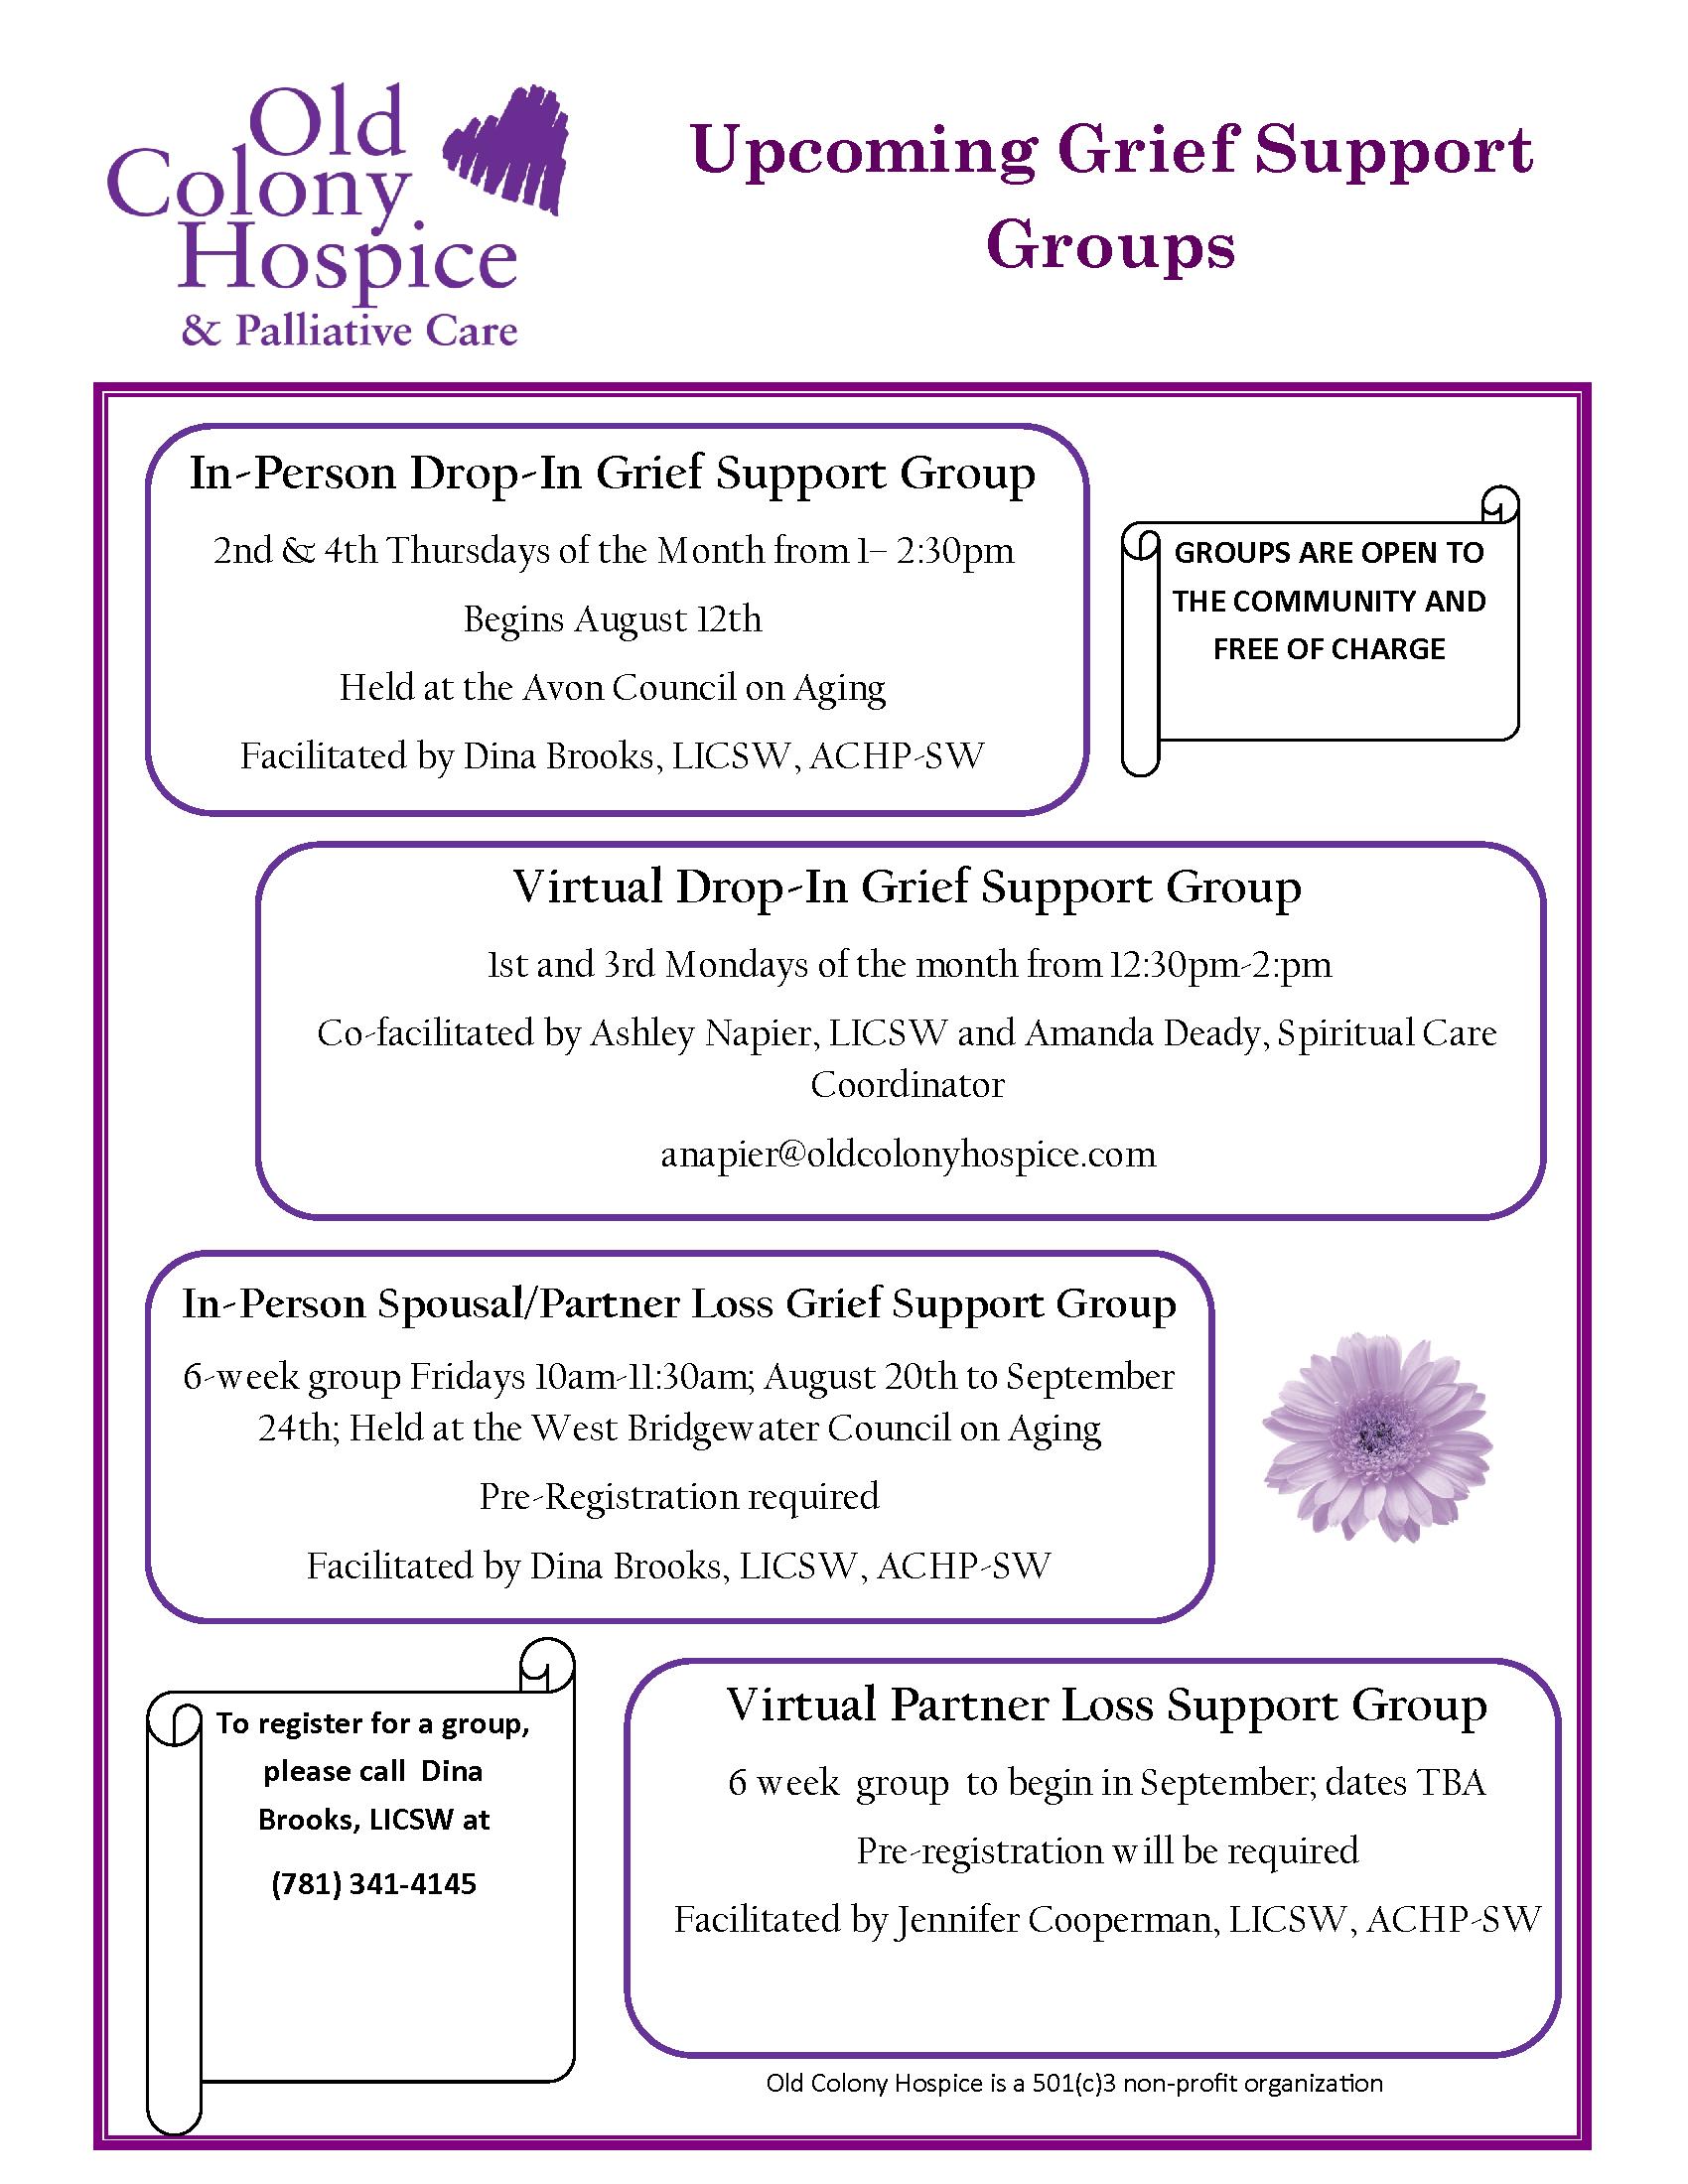 Summer 2021 OCH Grief Support Group Flyer